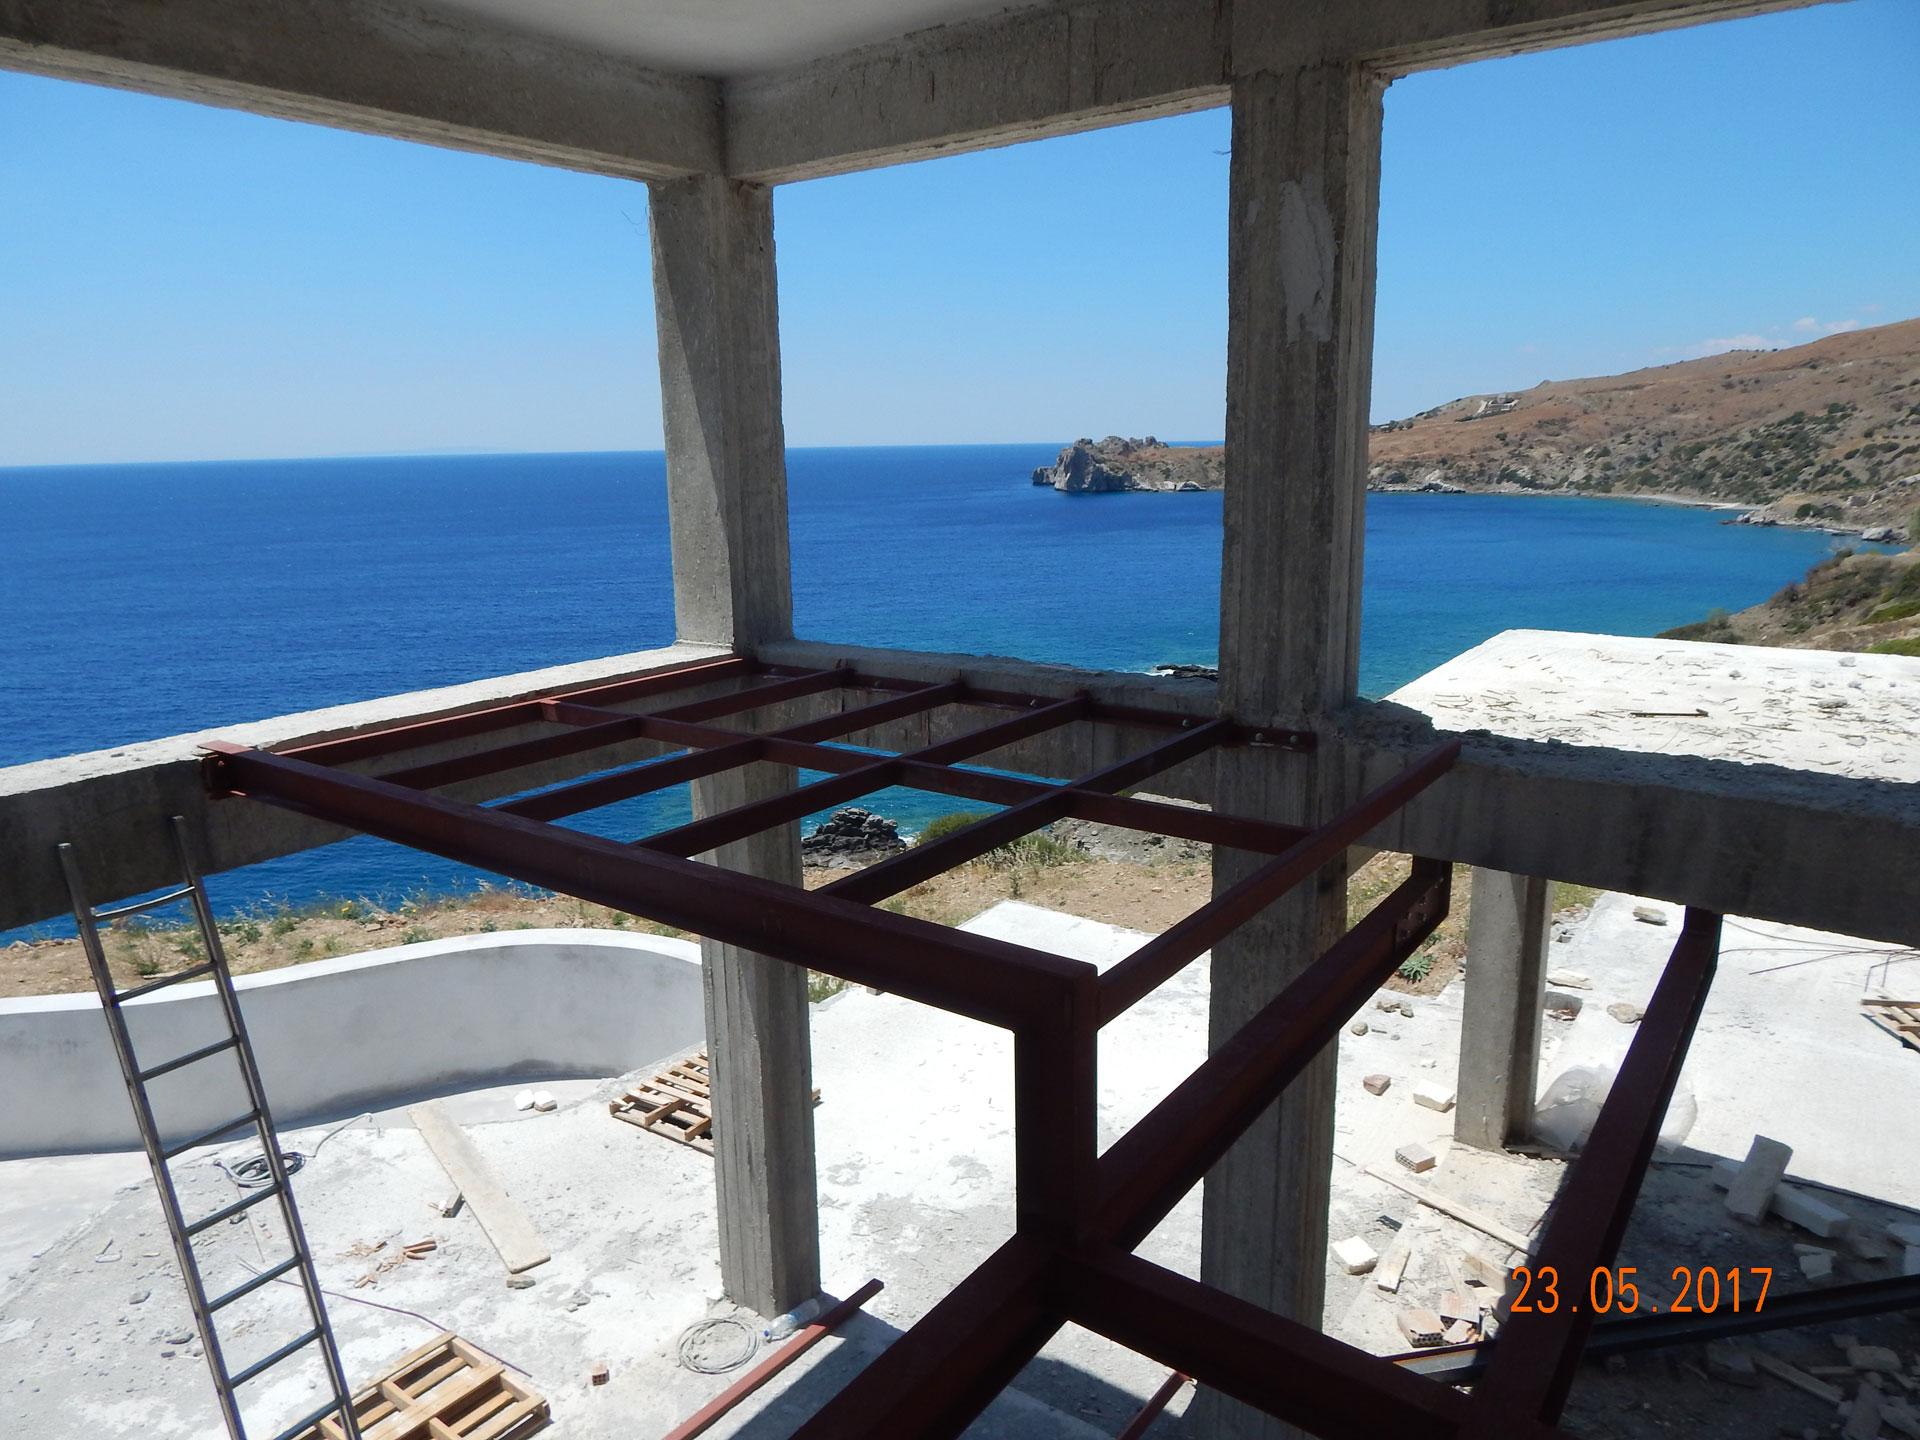 Luxury Villa Agios Pavlos Metallic Loft Sea View